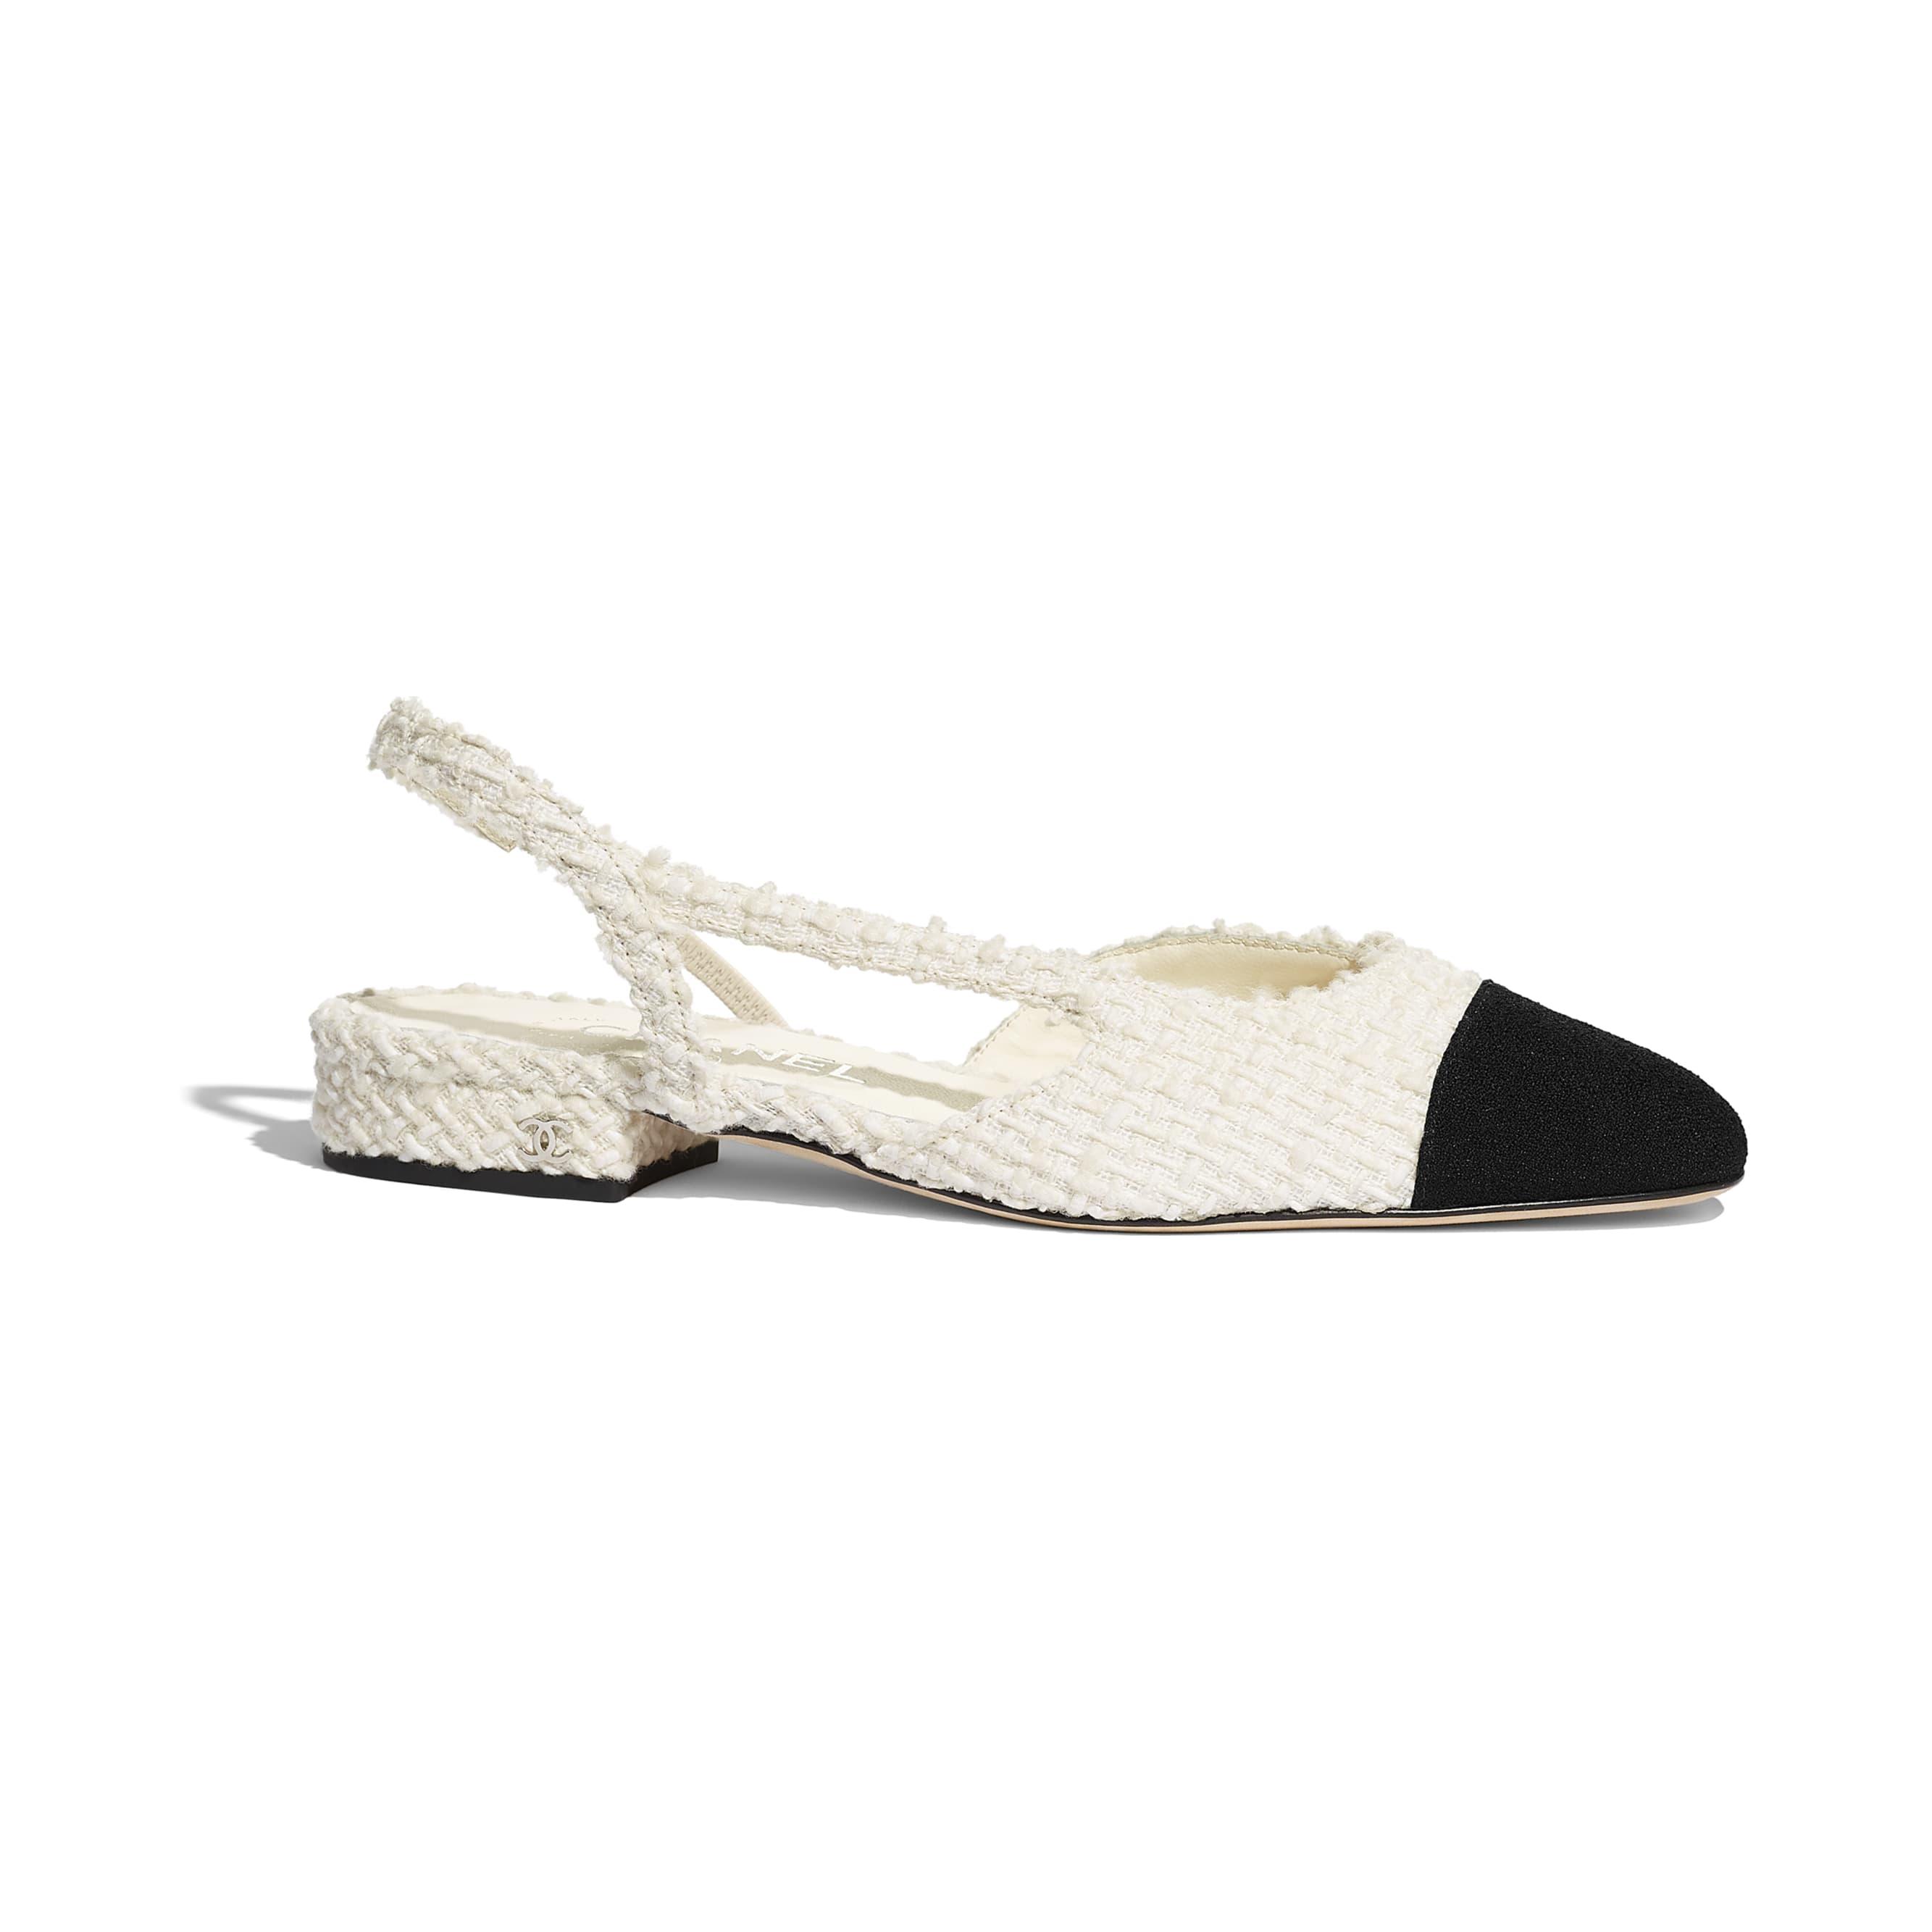 รองเท้าแบบมีสายรัดด้านหลัง - สีขาวและสีดำ - ผ้าวูลทวีต - มุมมองปัจจุบัน - ดูเวอร์ชันขนาดมาตรฐาน